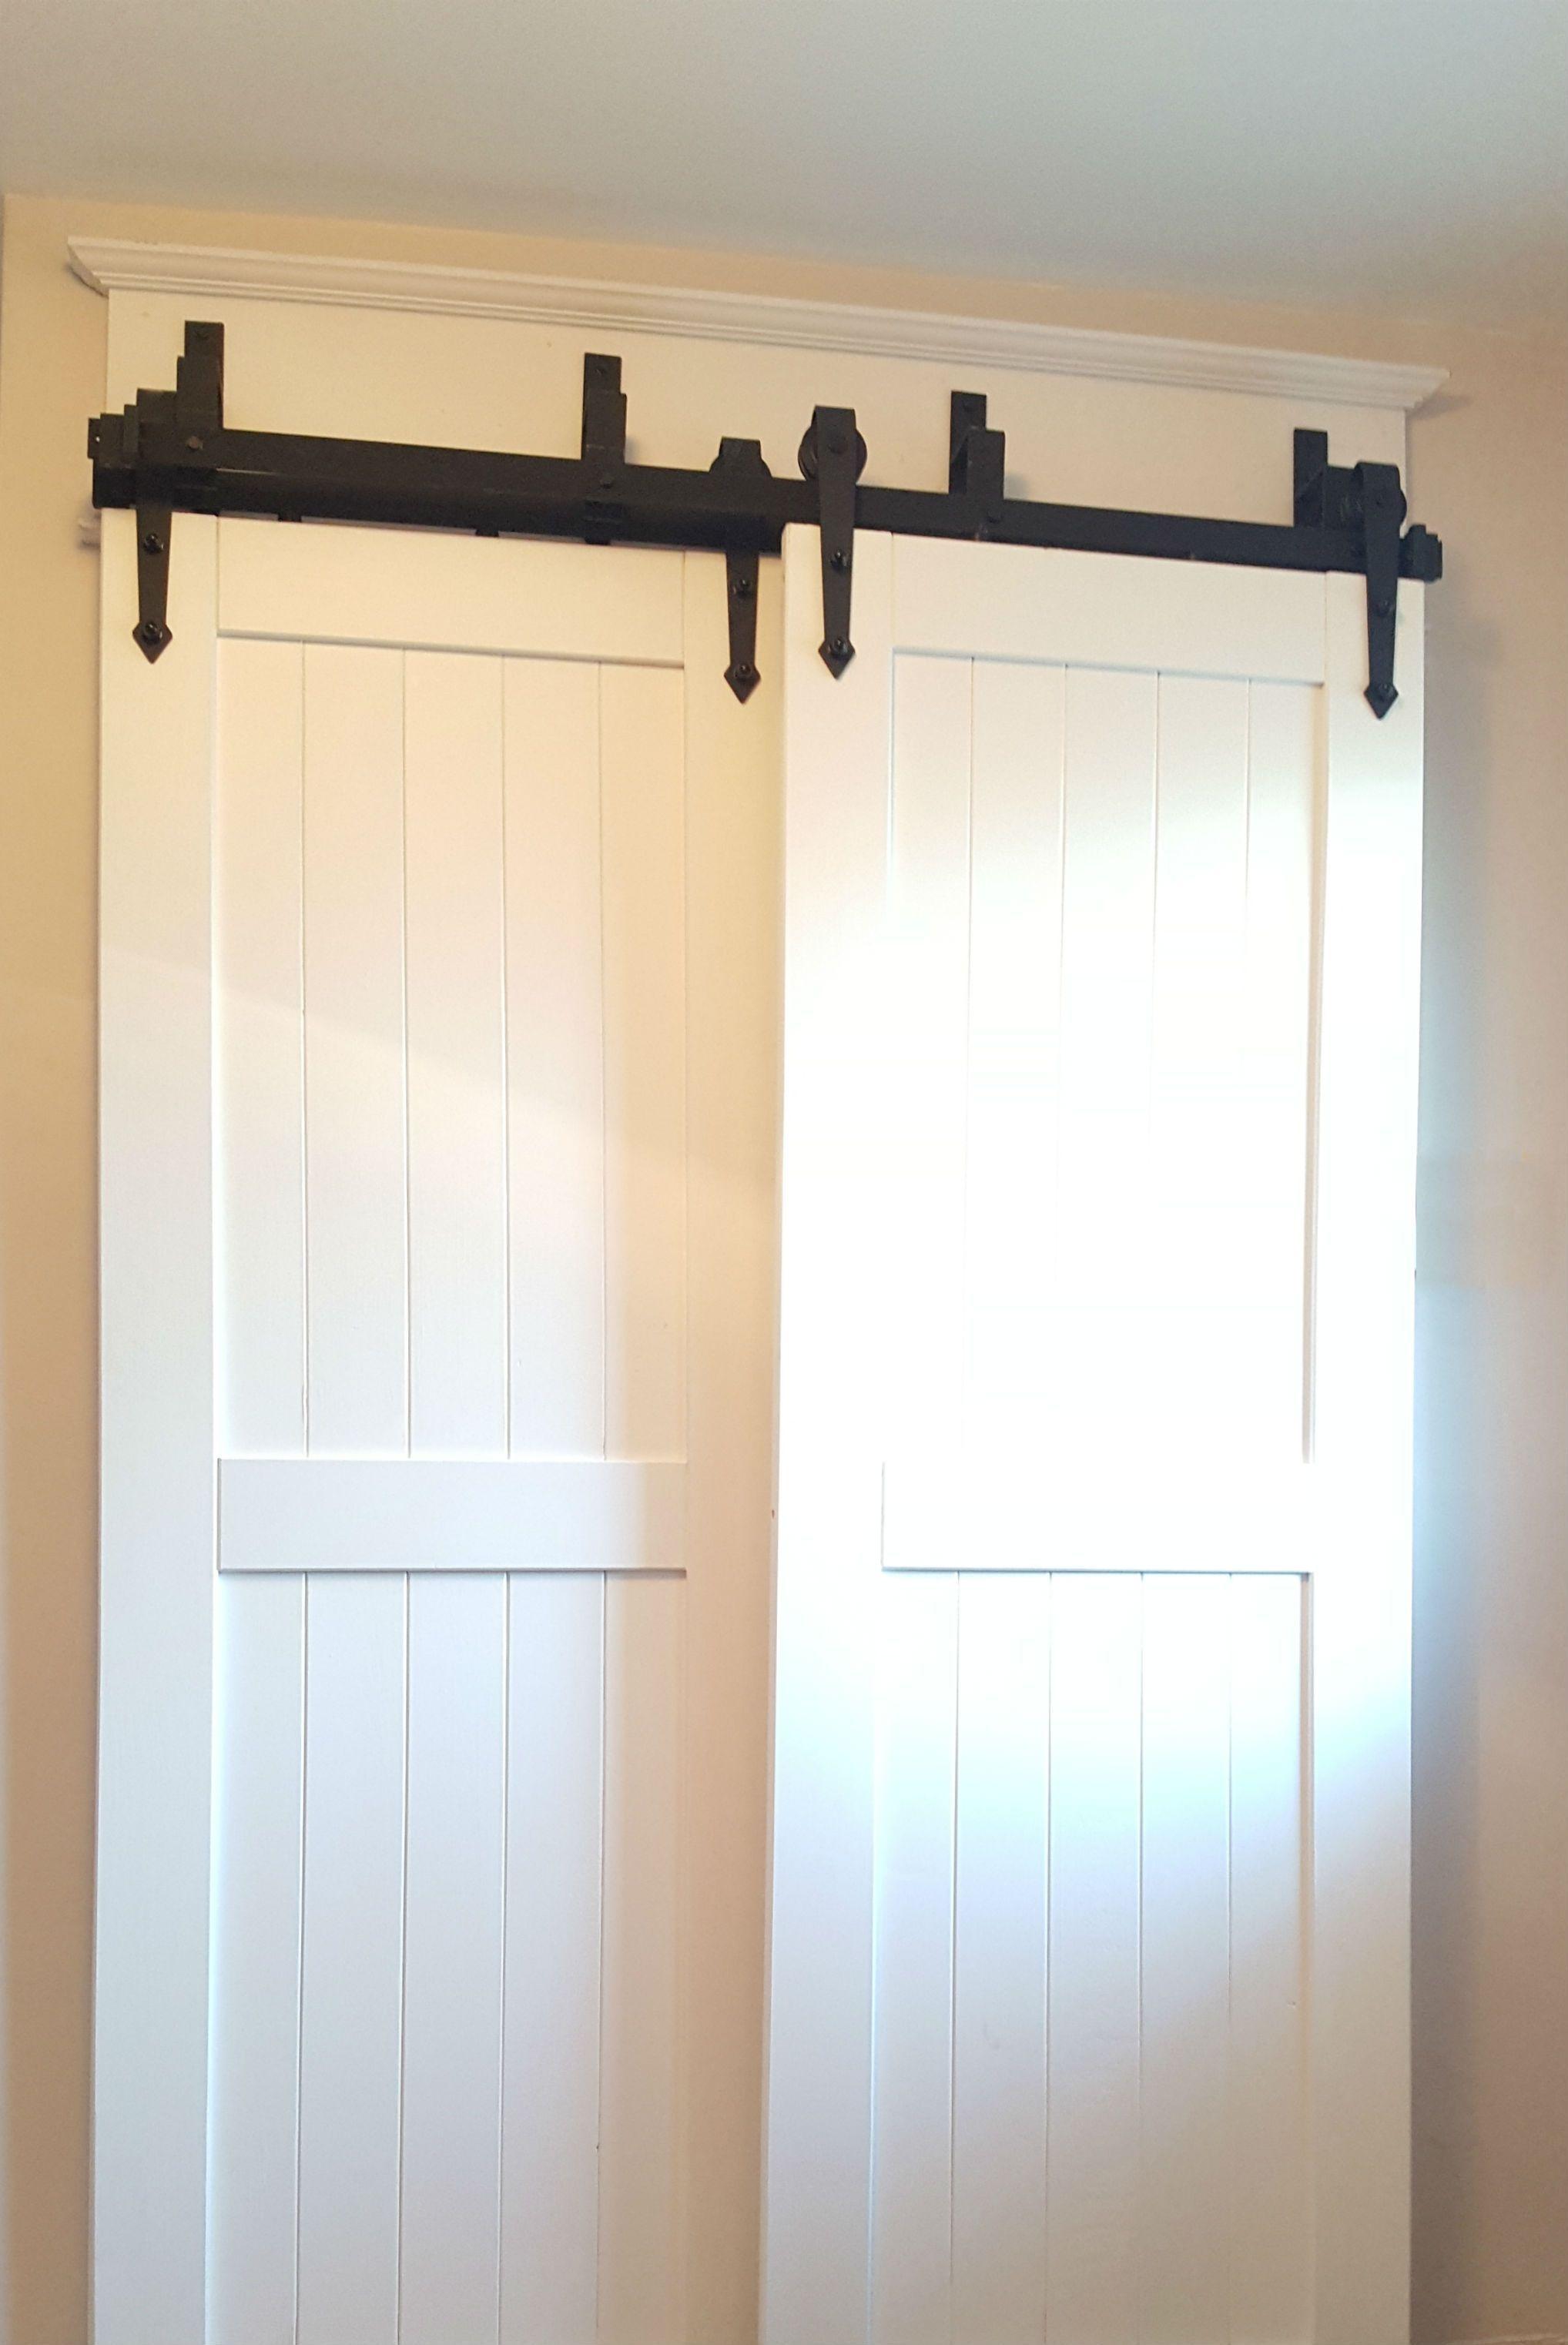 Bypass Barn Door Hardware Easy To Install Canada Barn Door Closet Bypass Barn Door Hardware Bypass Barn Door